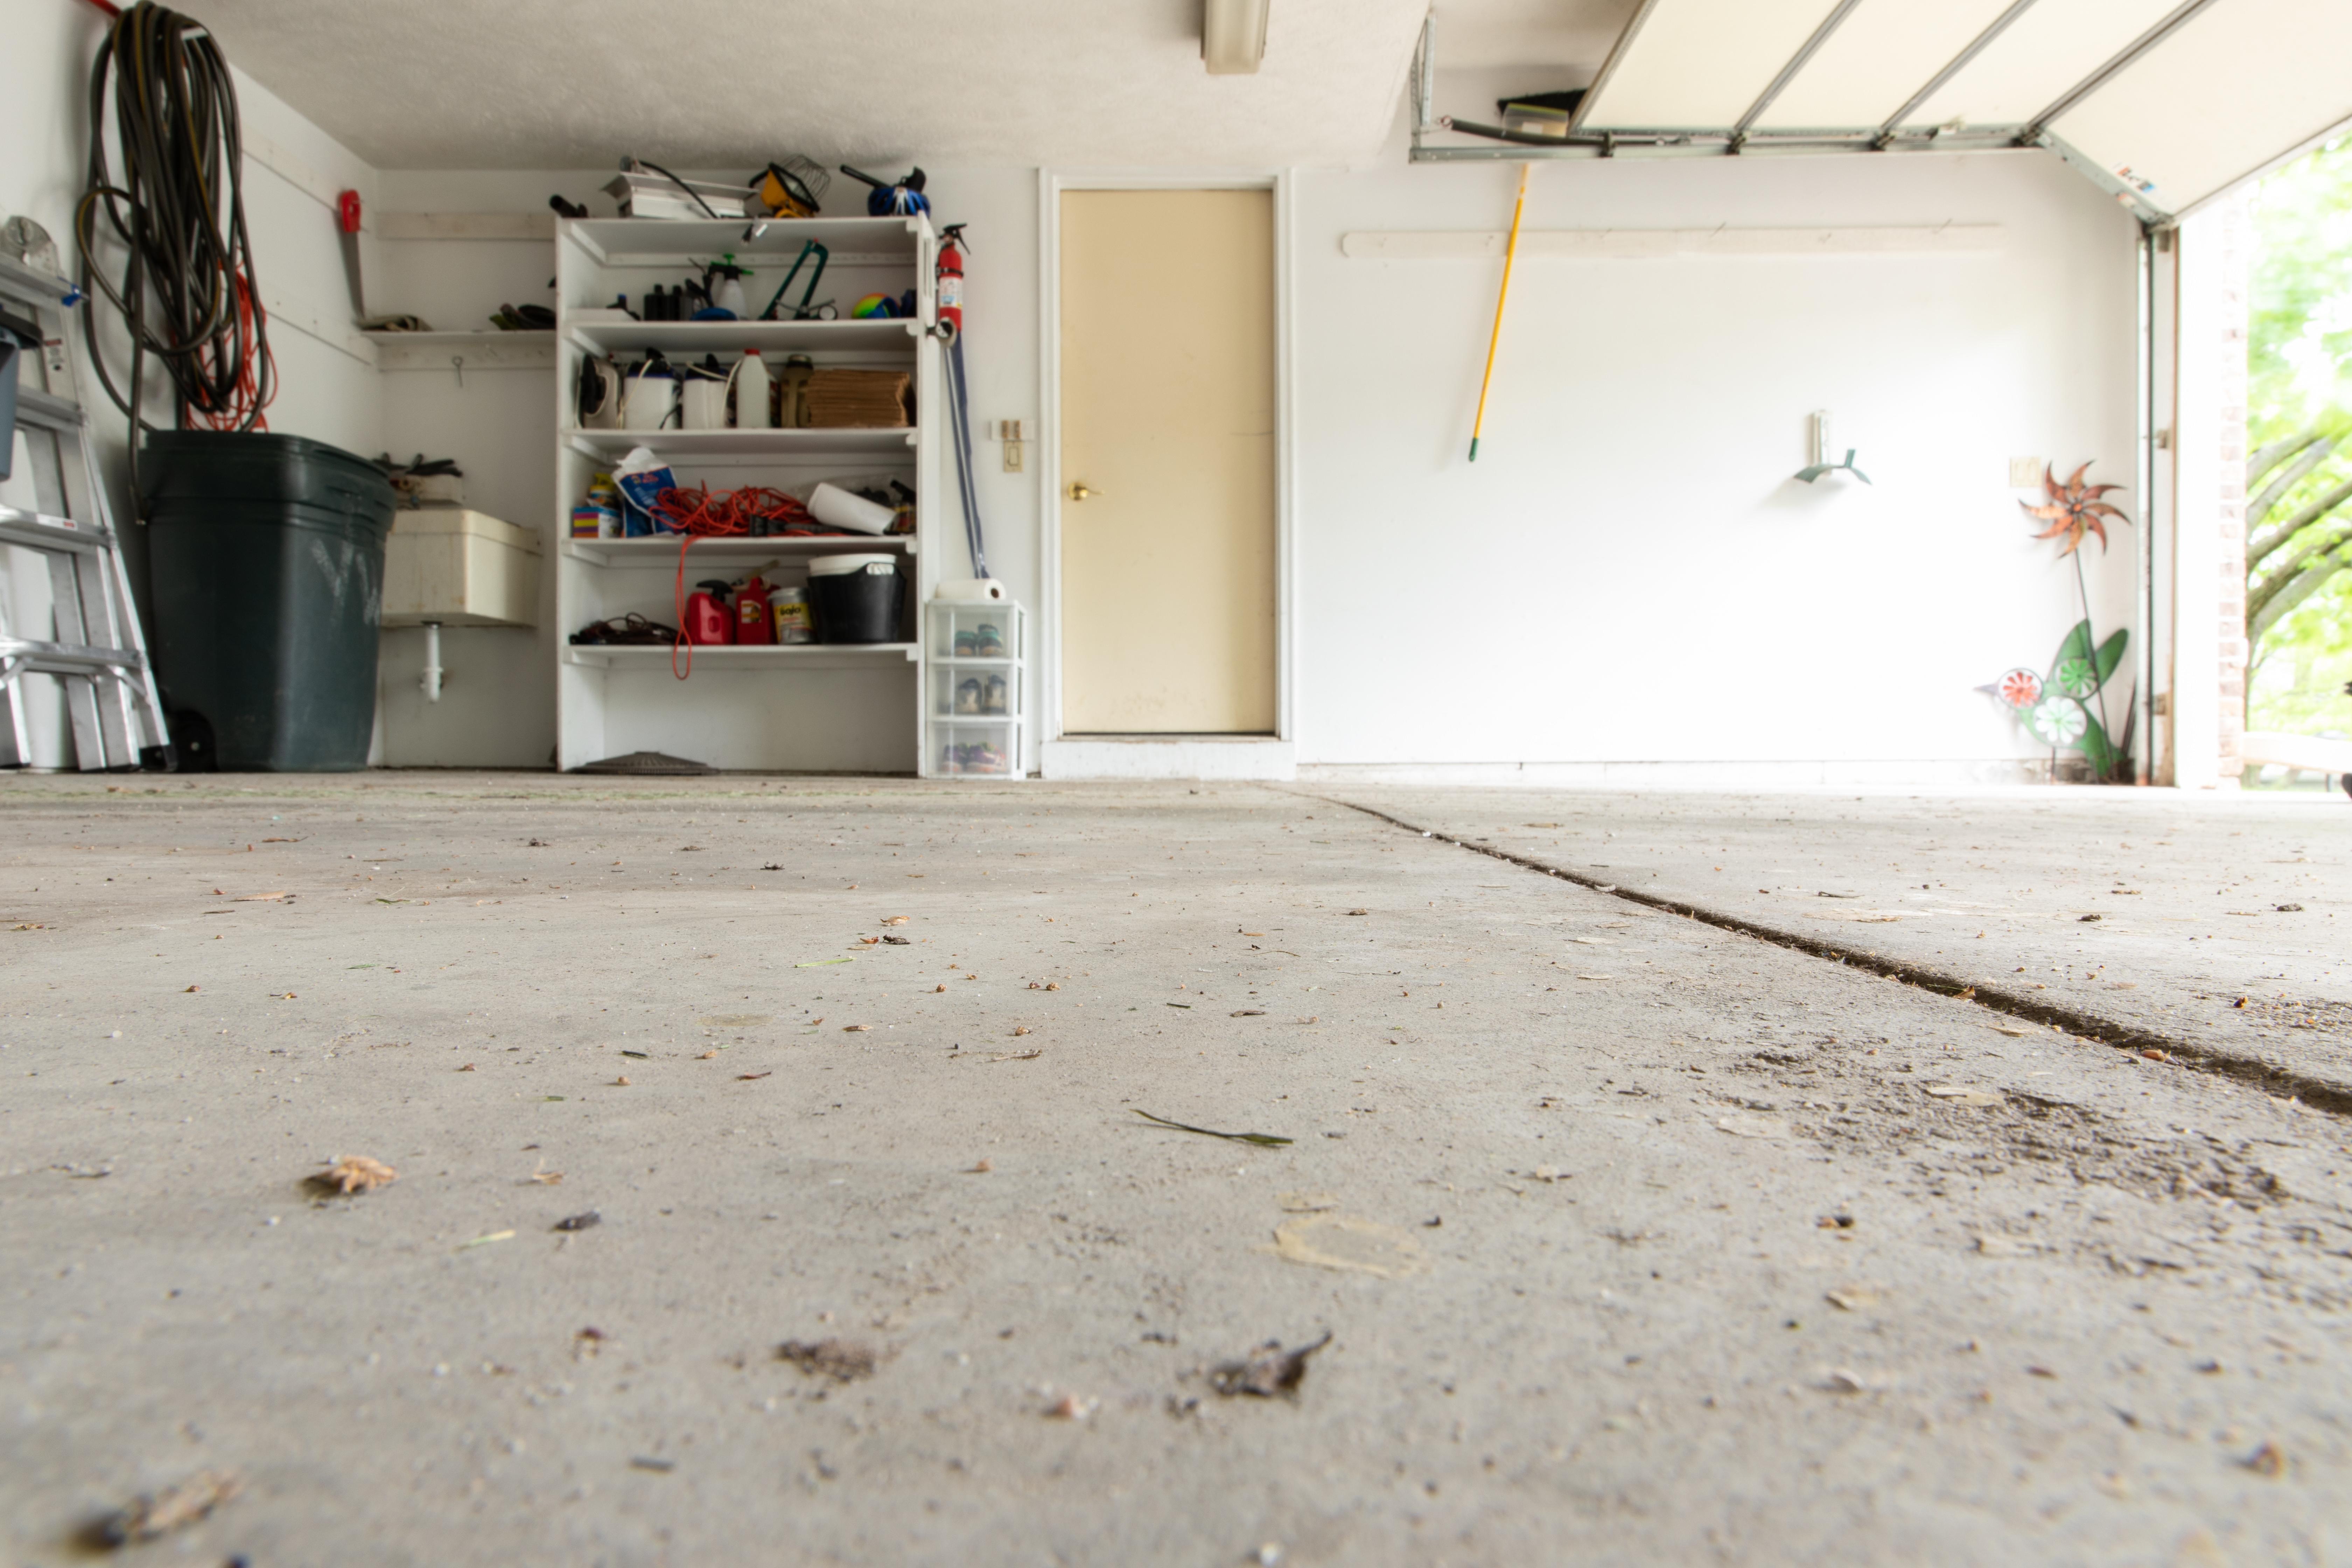 Garage Floor Coatings: Why DIY Just Won't Work